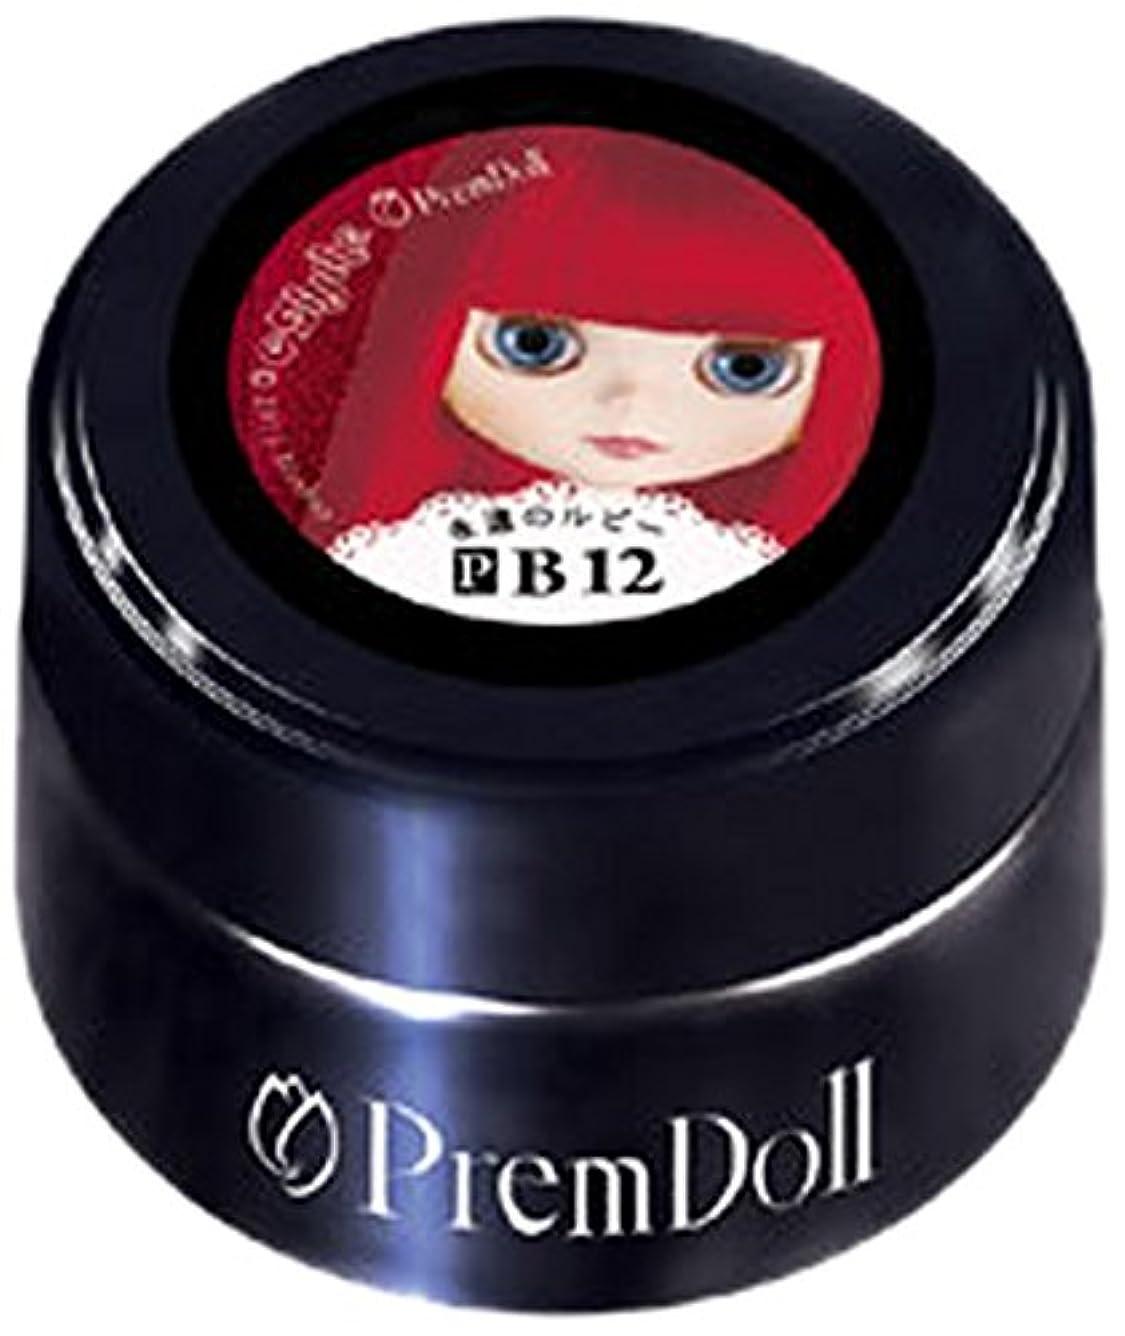 女優のため引き出しプリジェル ジェルネイル プリムドール 永遠のルビー 3g DOLL-B12 PREGEL×Blythe(ブライス)コラボレーション カラージェル UV/LED対応